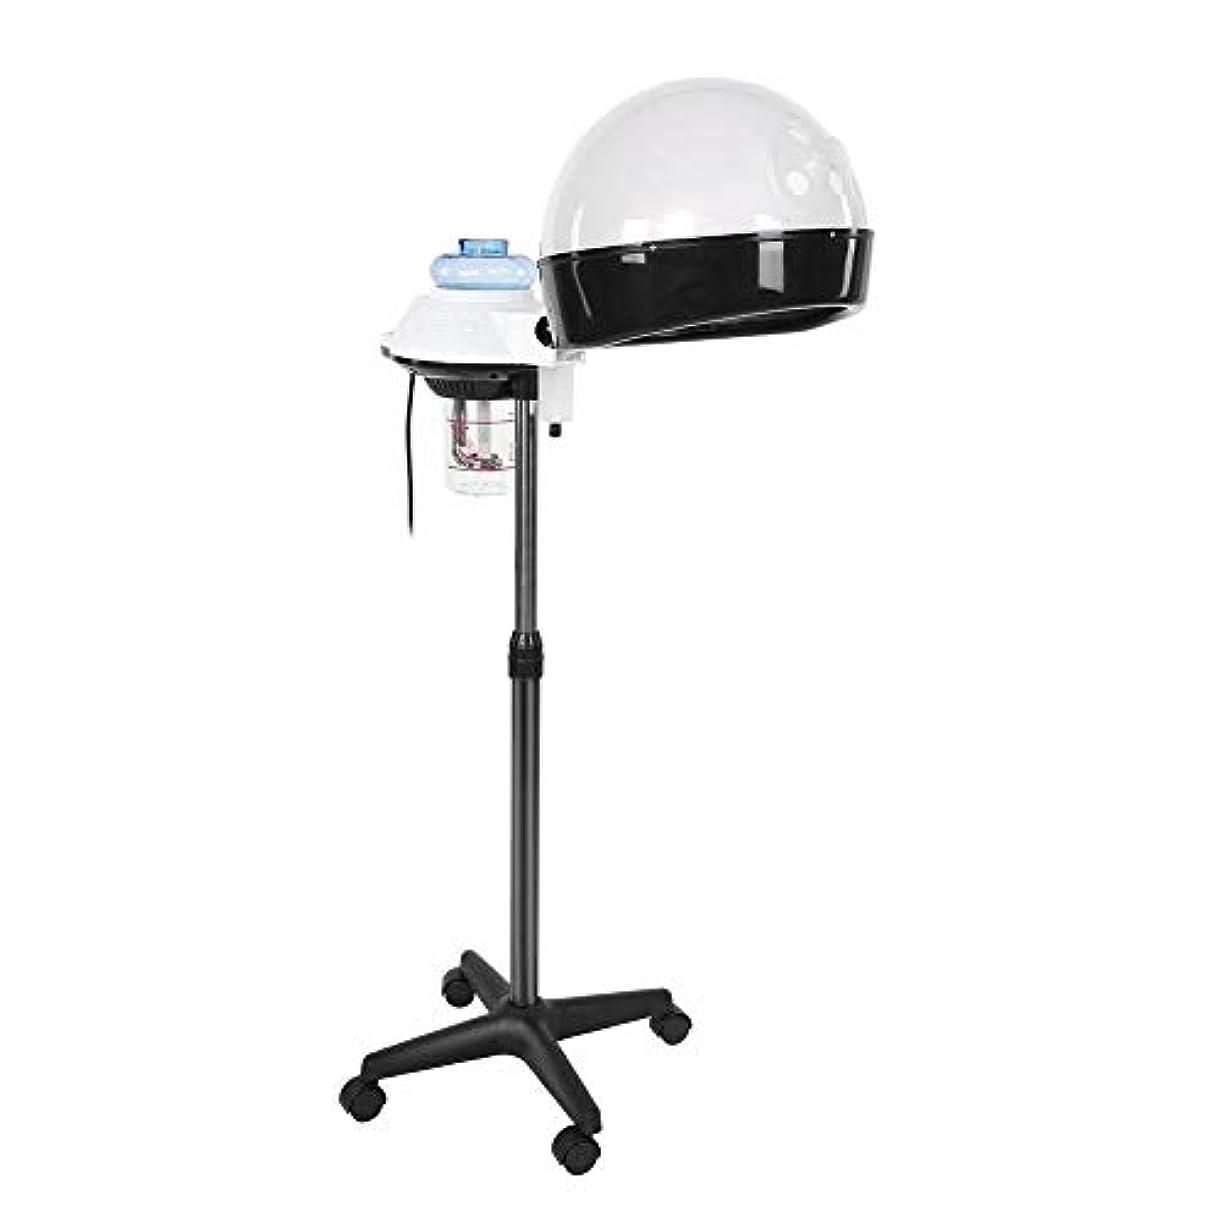 ファーザーファージュ高める解釈ヘア 加湿器 パーソナルケア用のデザイン ホットミストオゾンヘアセラピー美容機器 個人用家庭用 (US)